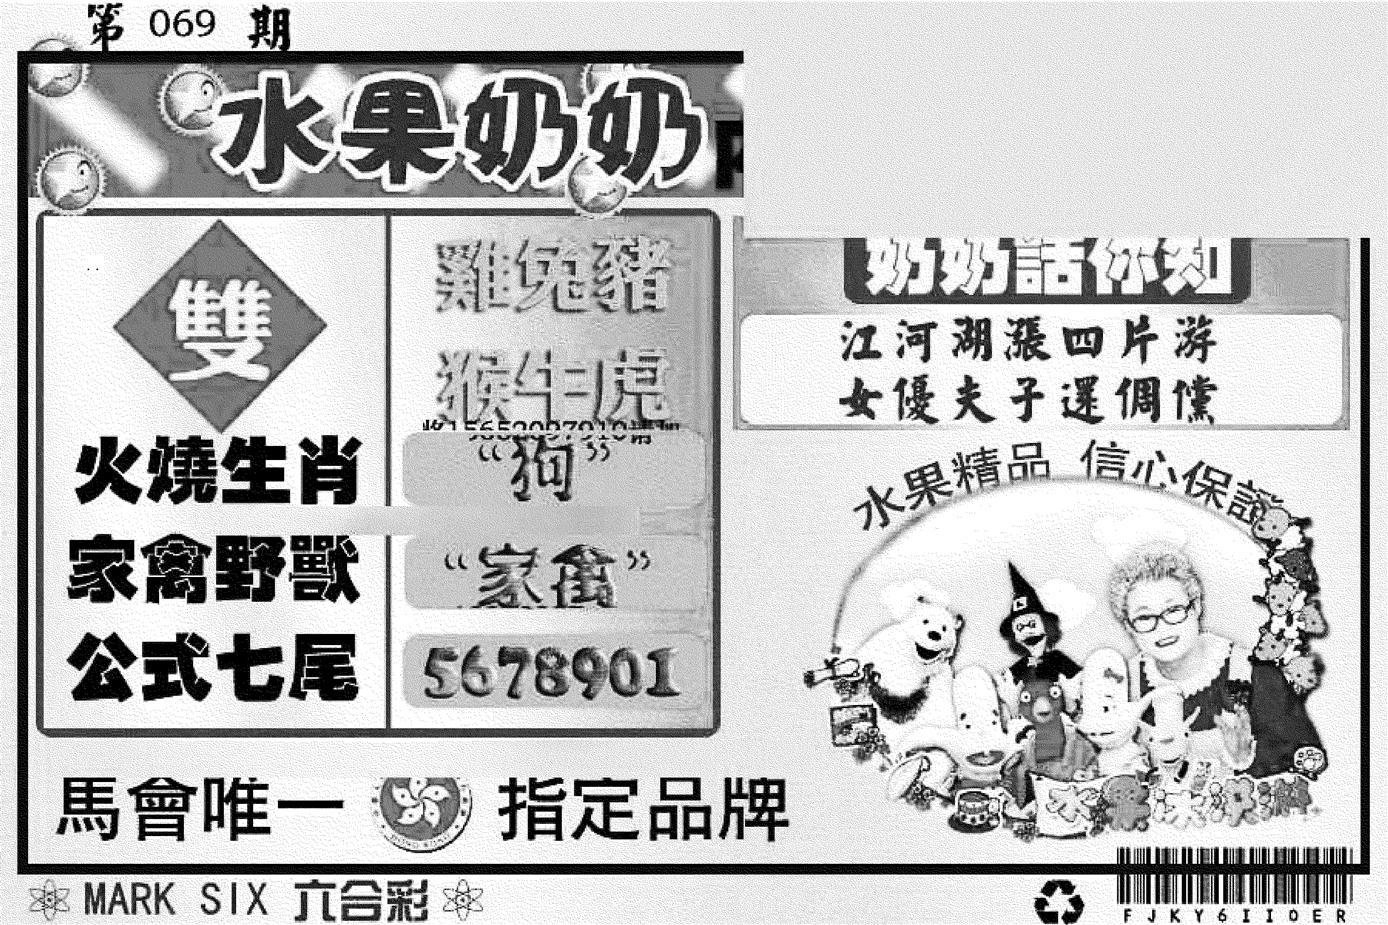 069期水果奶奶内幕(黑白)